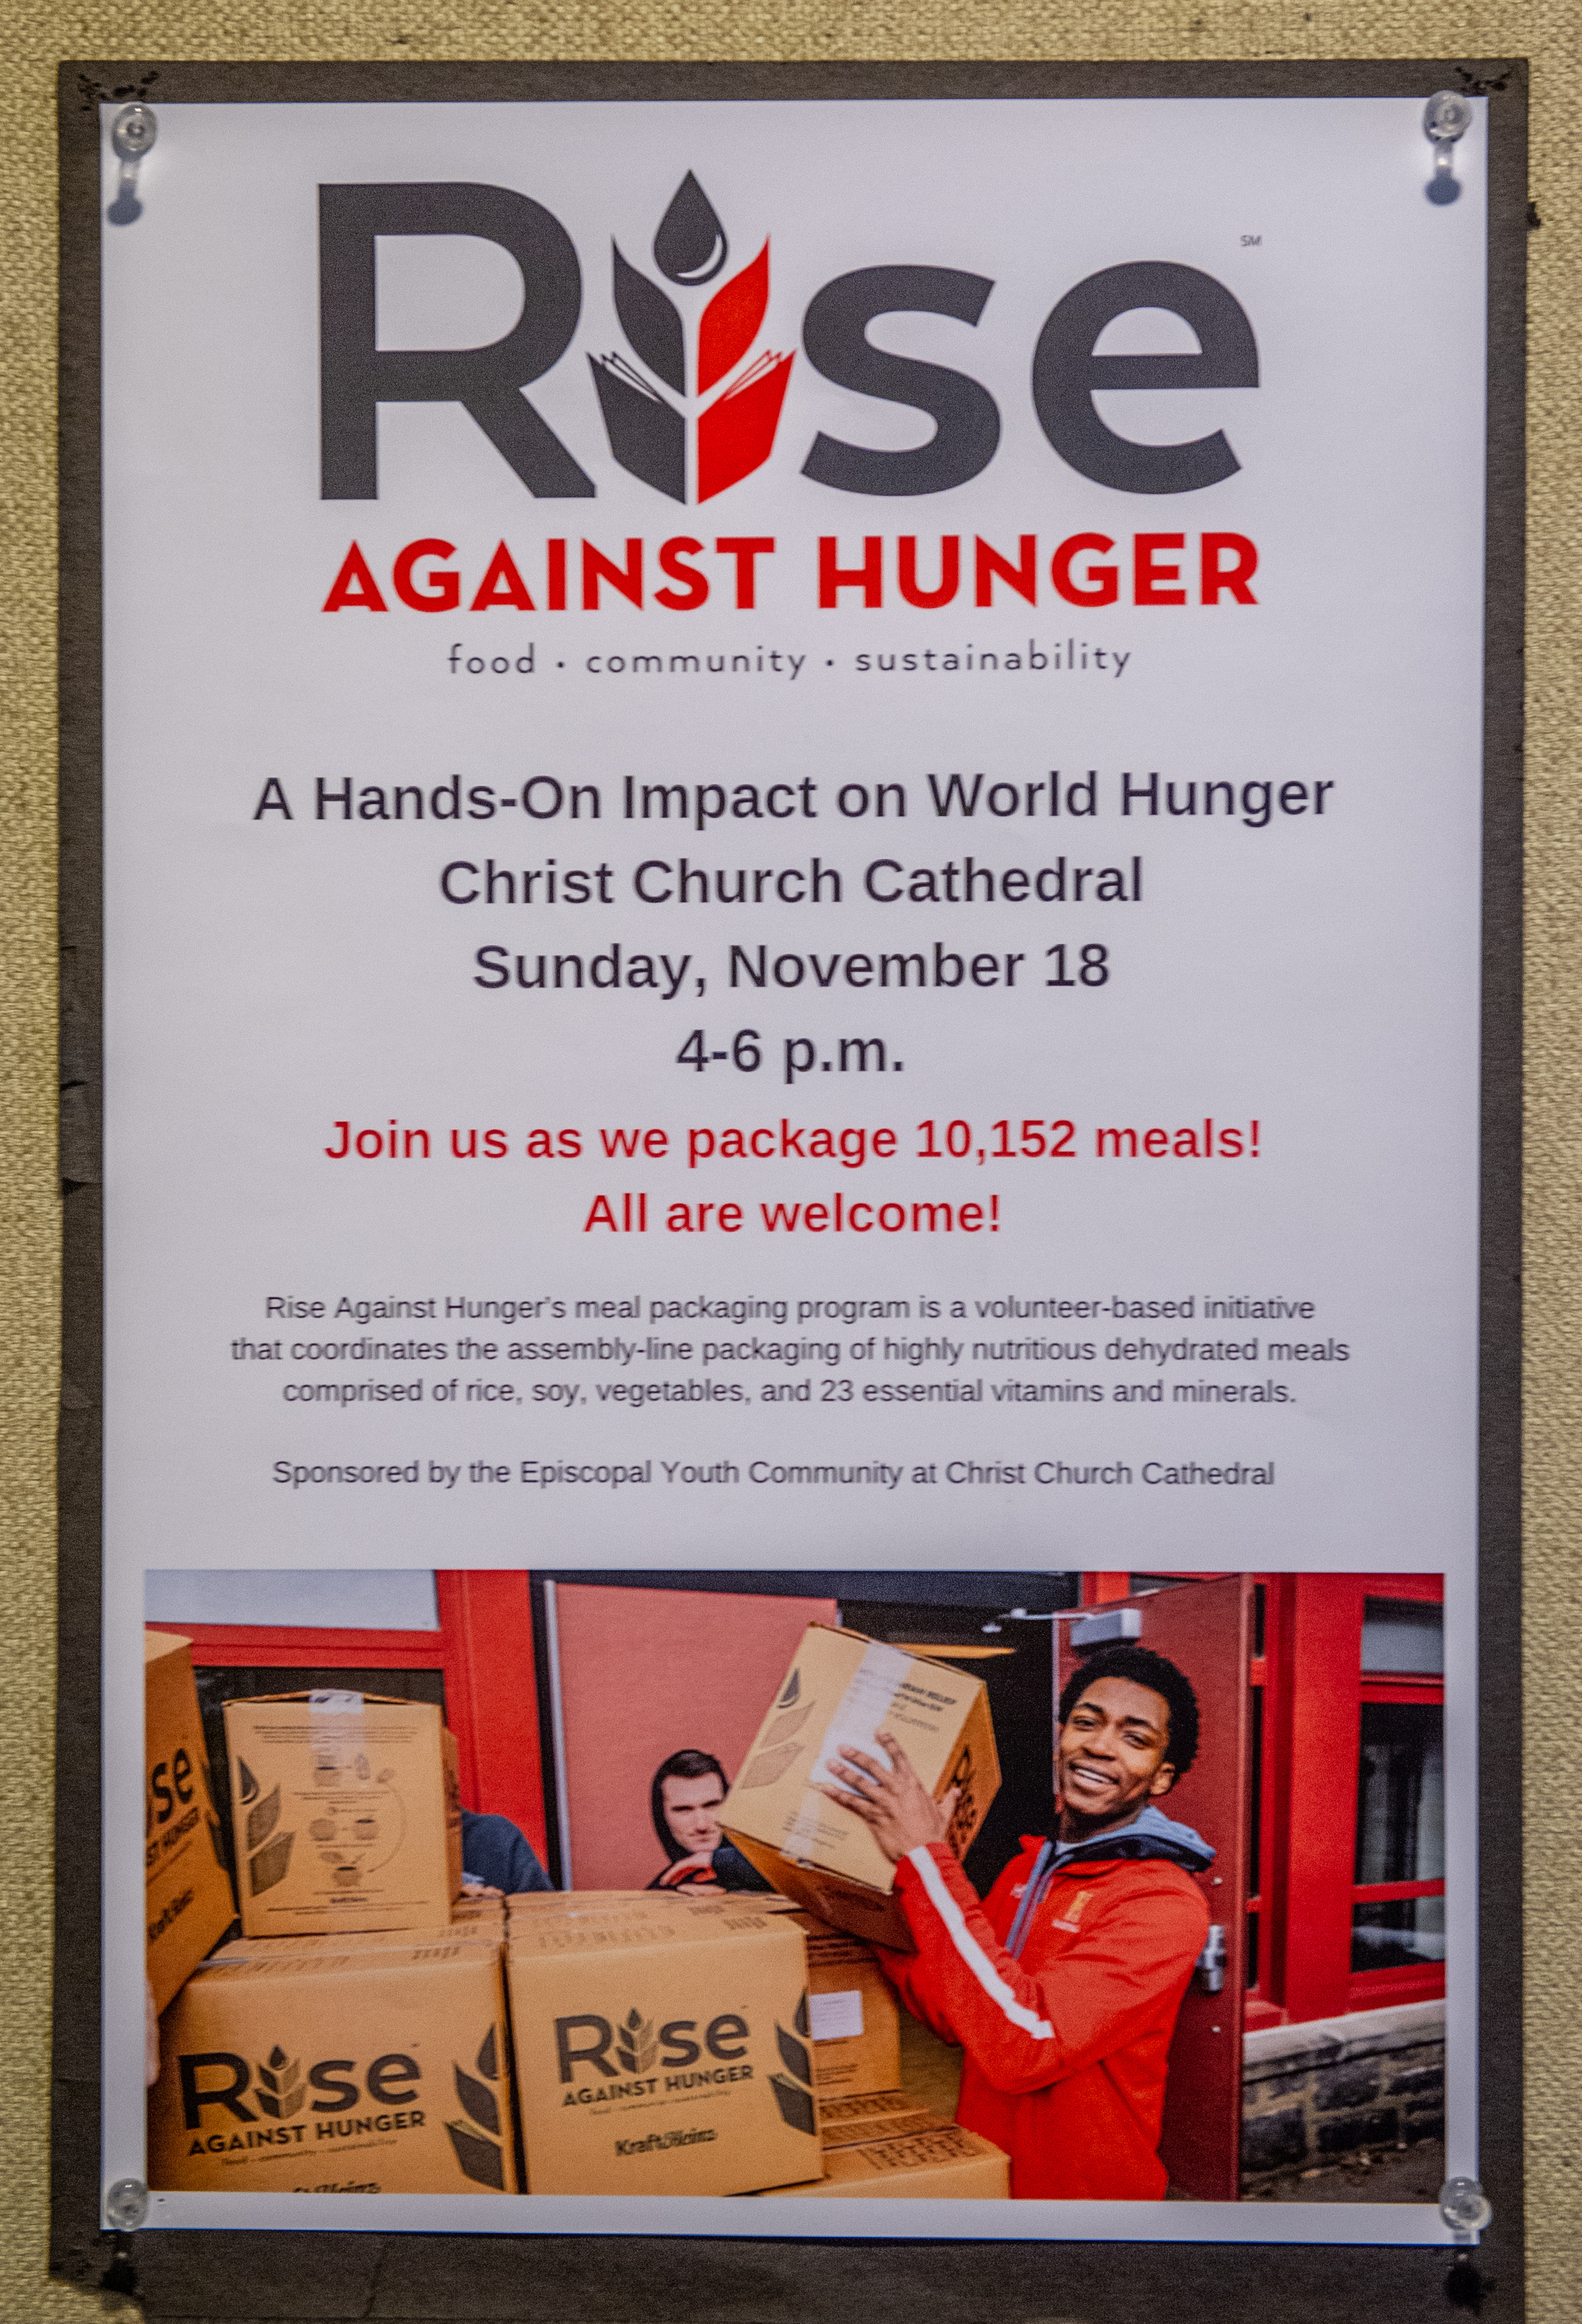 rise-against-hunger-007_31017882637_o.jpg